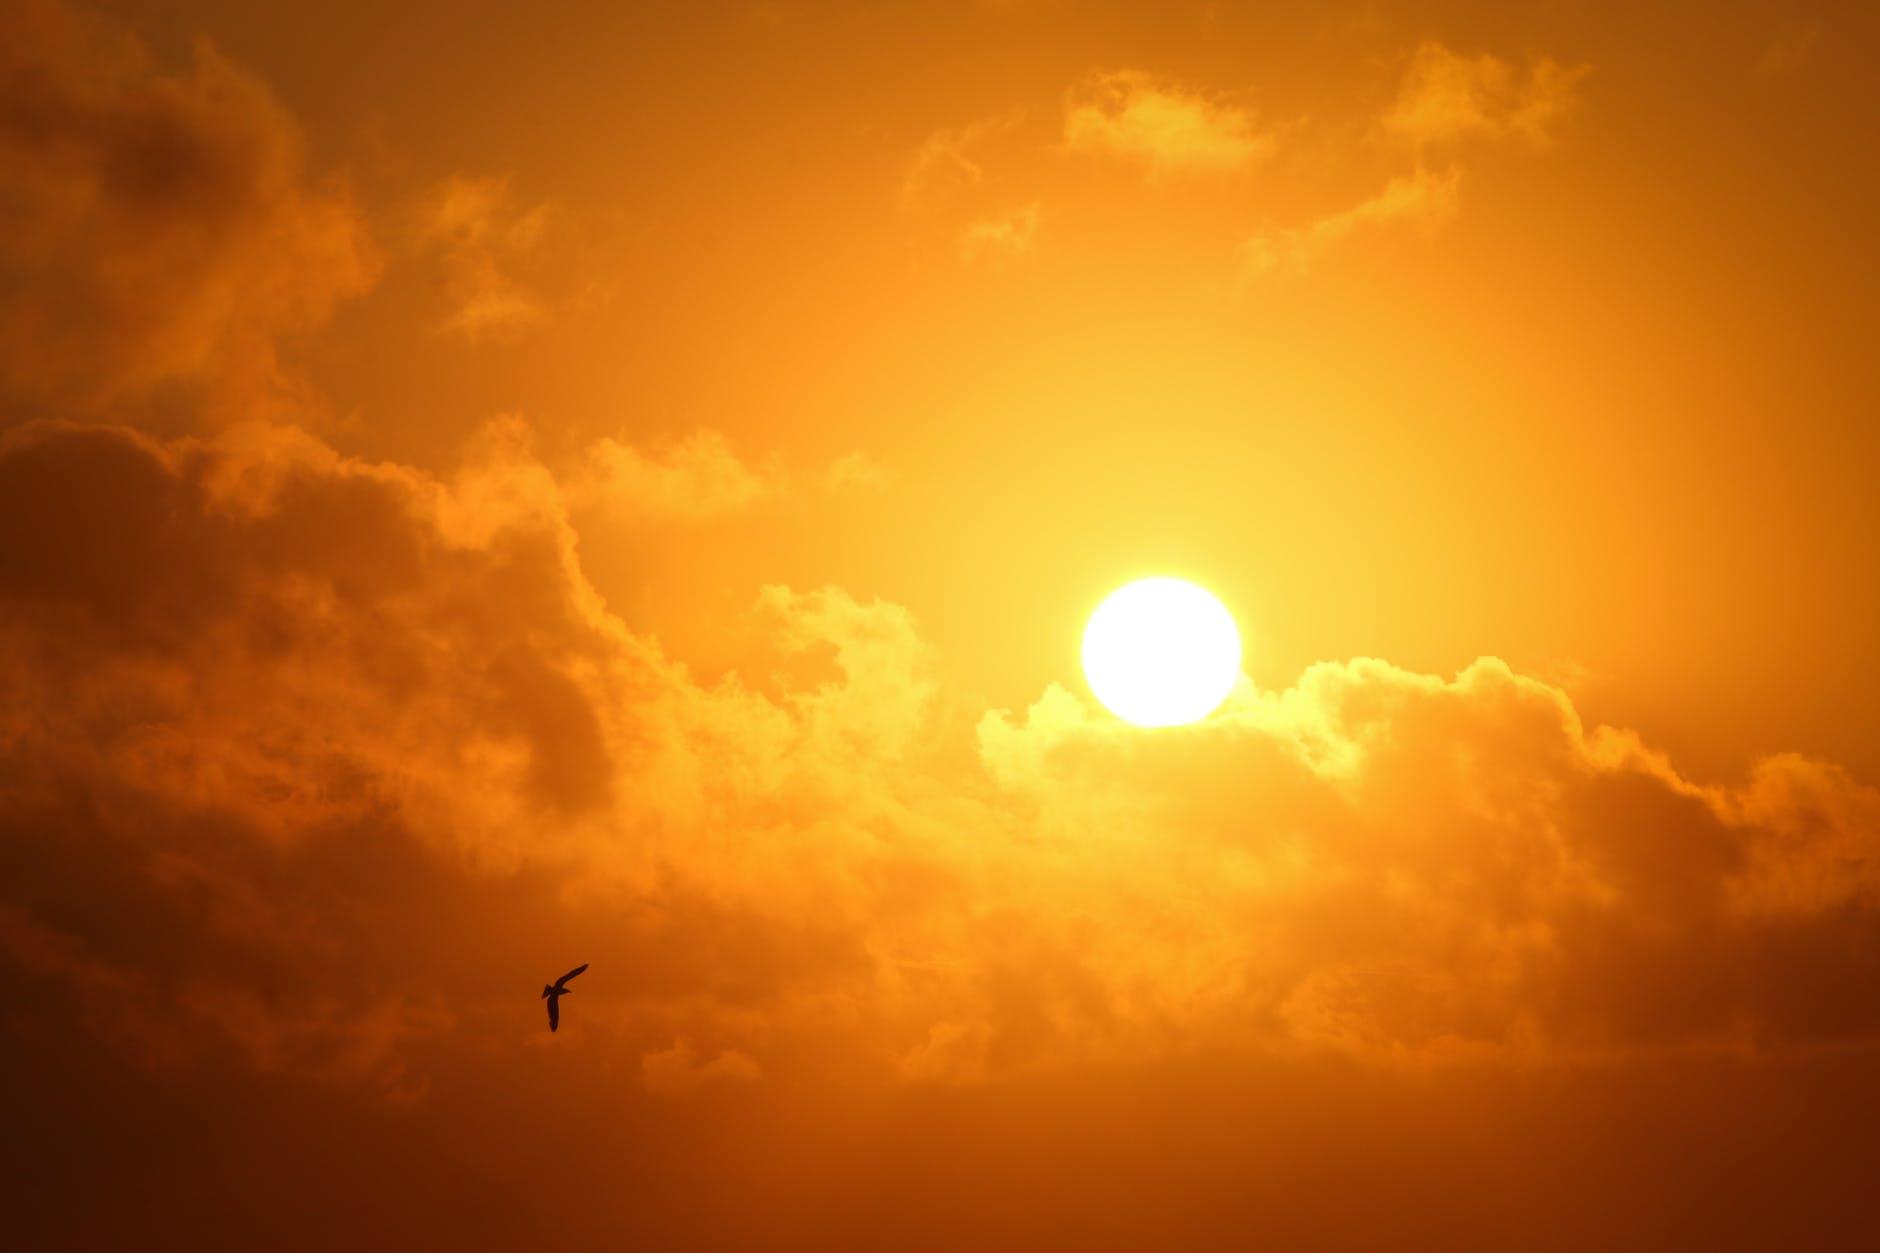 sun-clouds-bird-orange-yellow-sole-nuvole-uccello-solstizio-inverno-2020